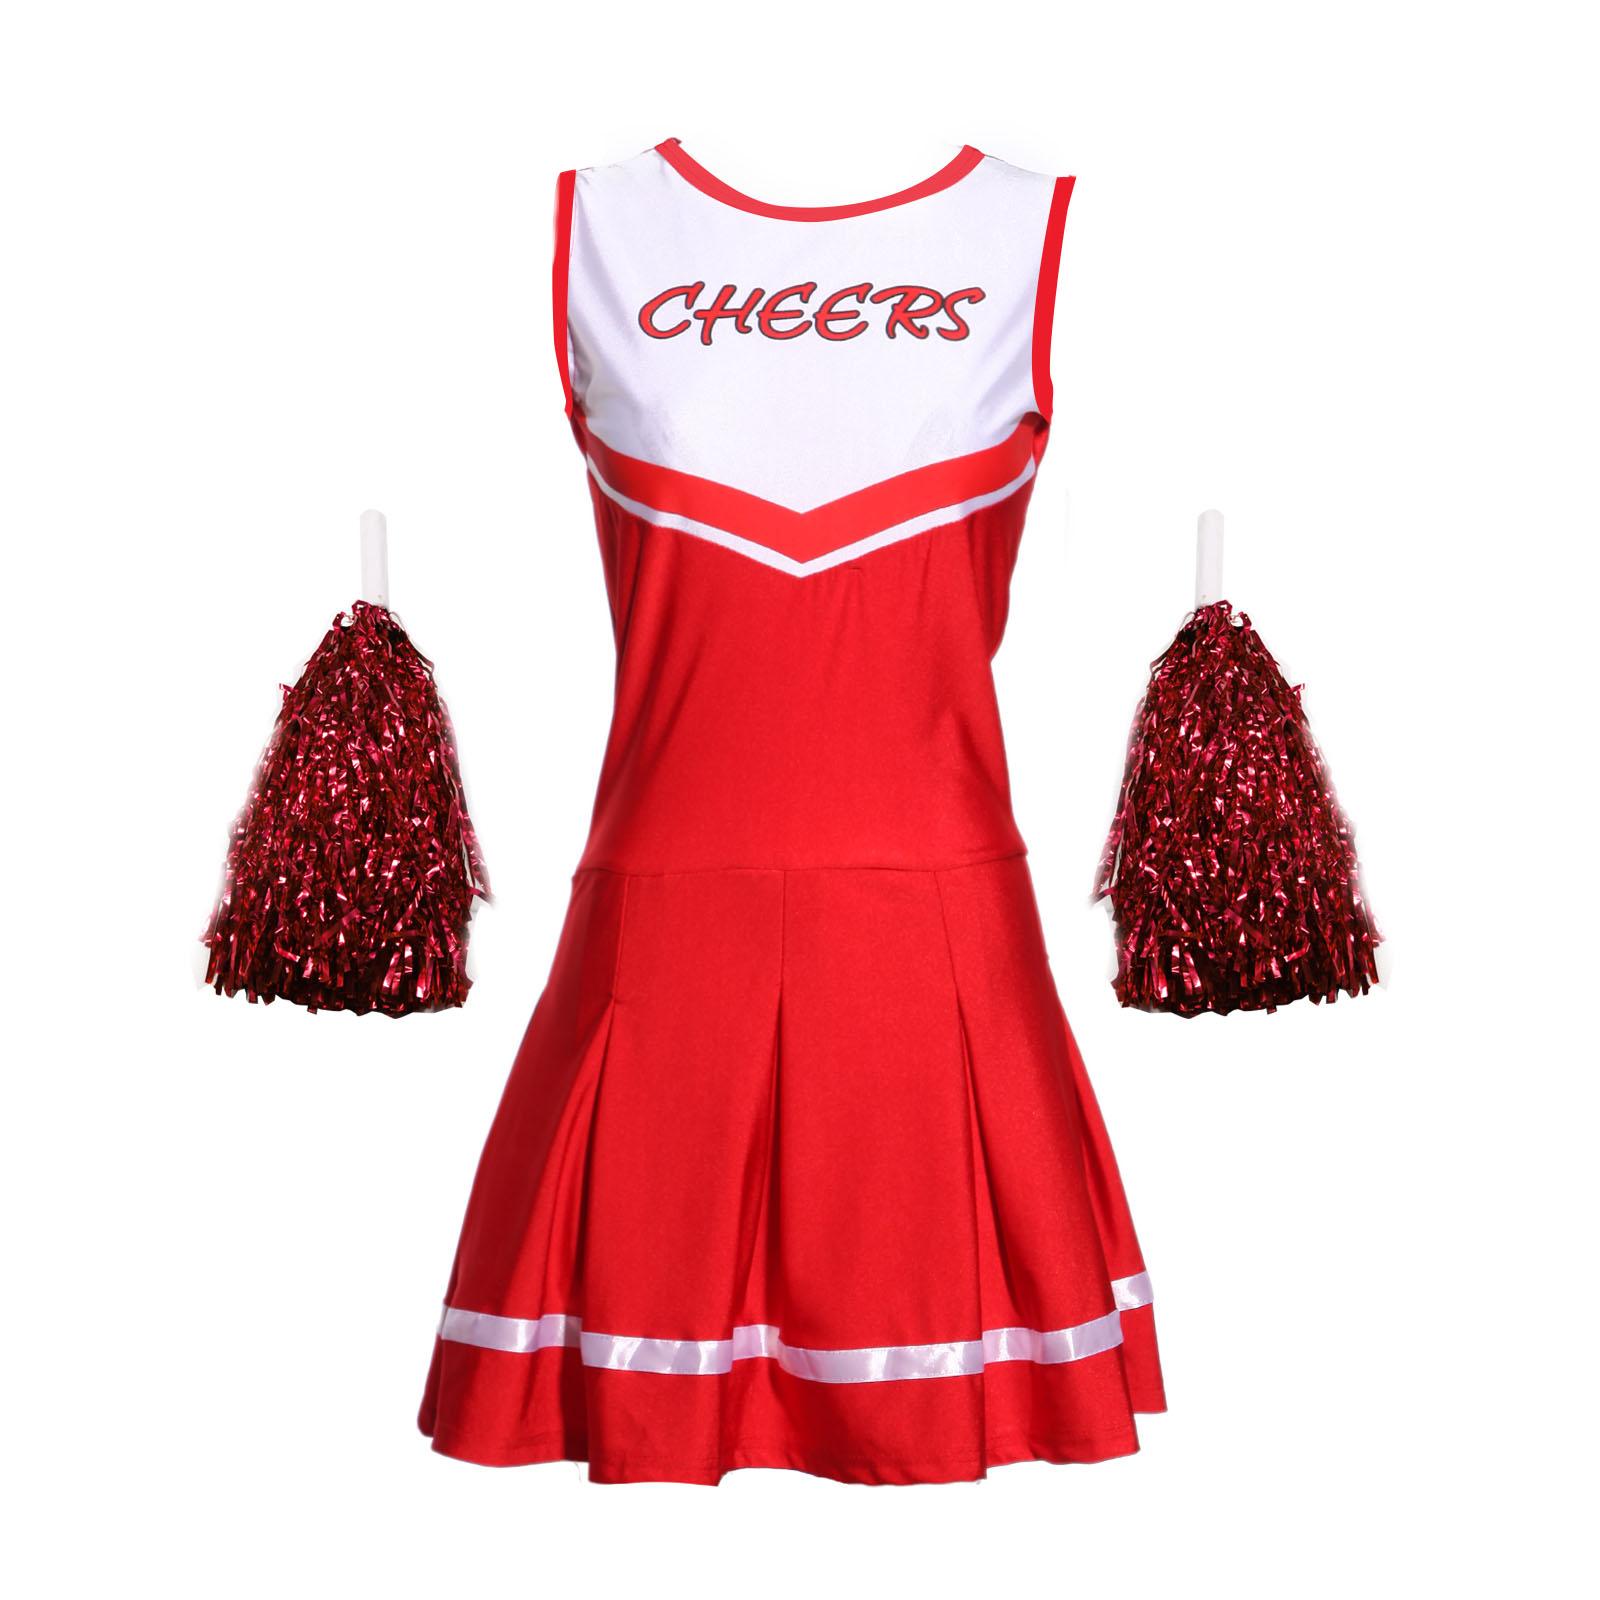 sexy m dchen damen cheerleader kost m uniform mit pompins gogo school girl dress ebay. Black Bedroom Furniture Sets. Home Design Ideas